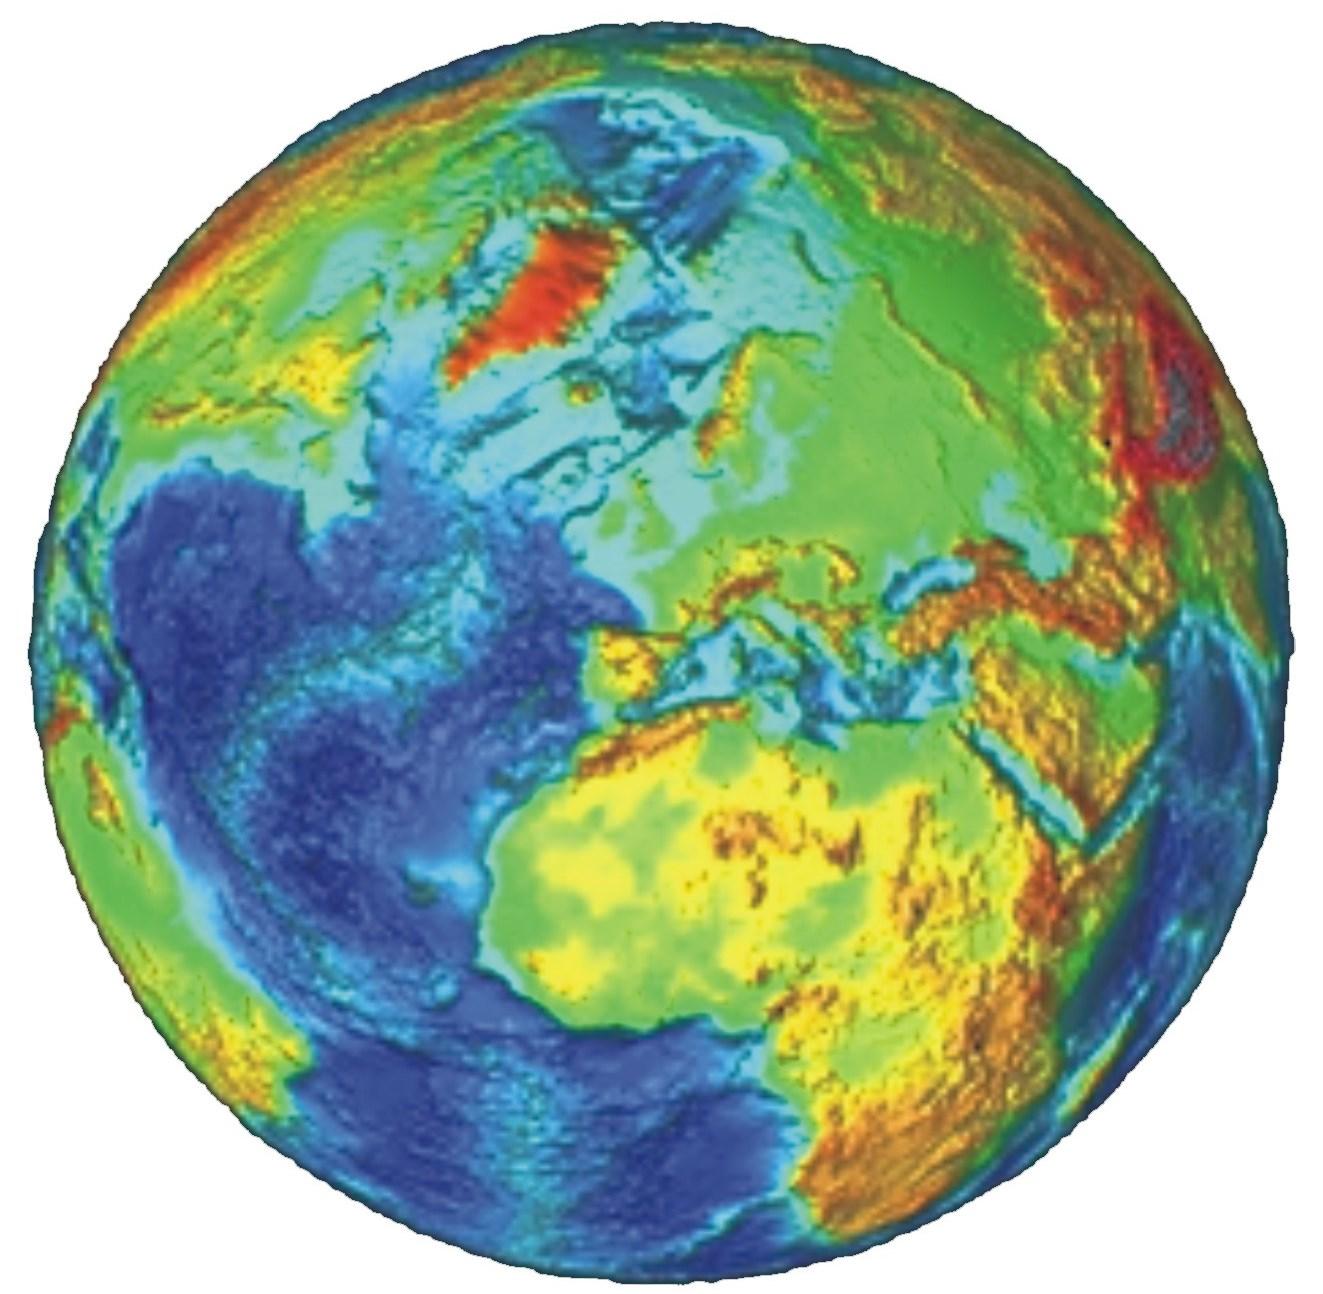 Scienza All 39 Interno Della Terra Ci Sono Oasi D 39 Acqua